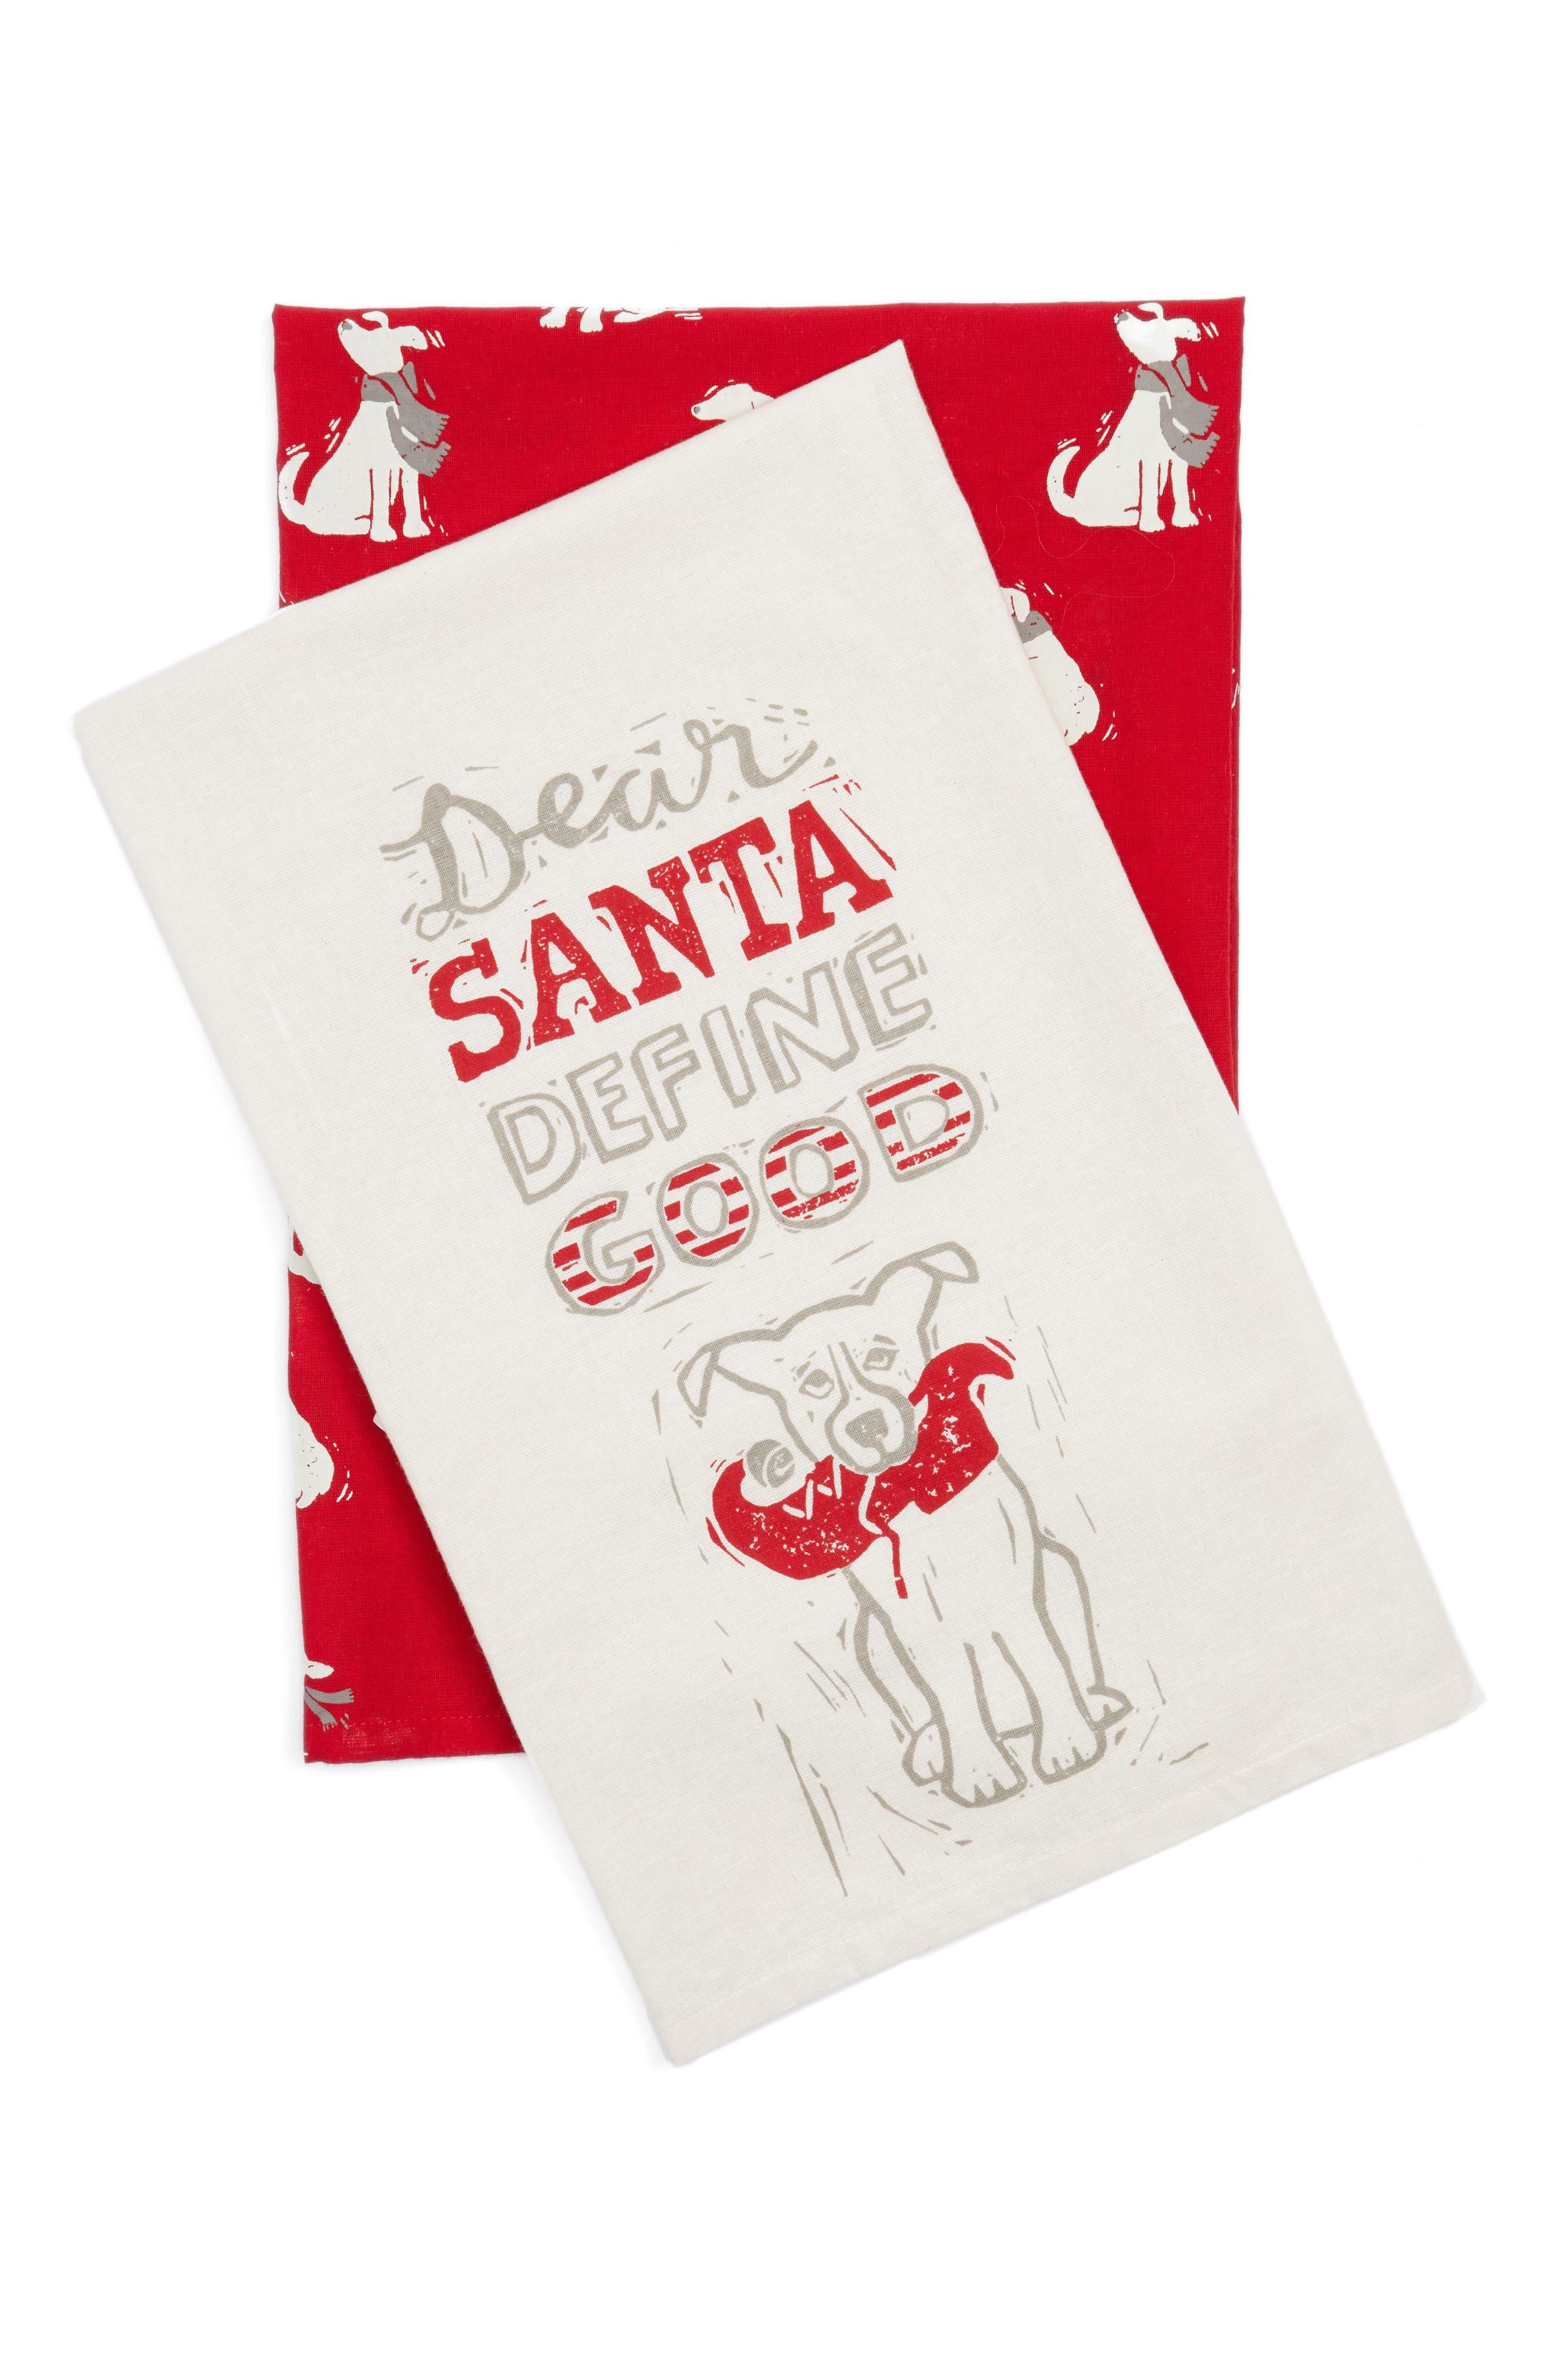 Dear Santa Set of 2 Dish Towels,                             Main thumbnail 1, color,                             900